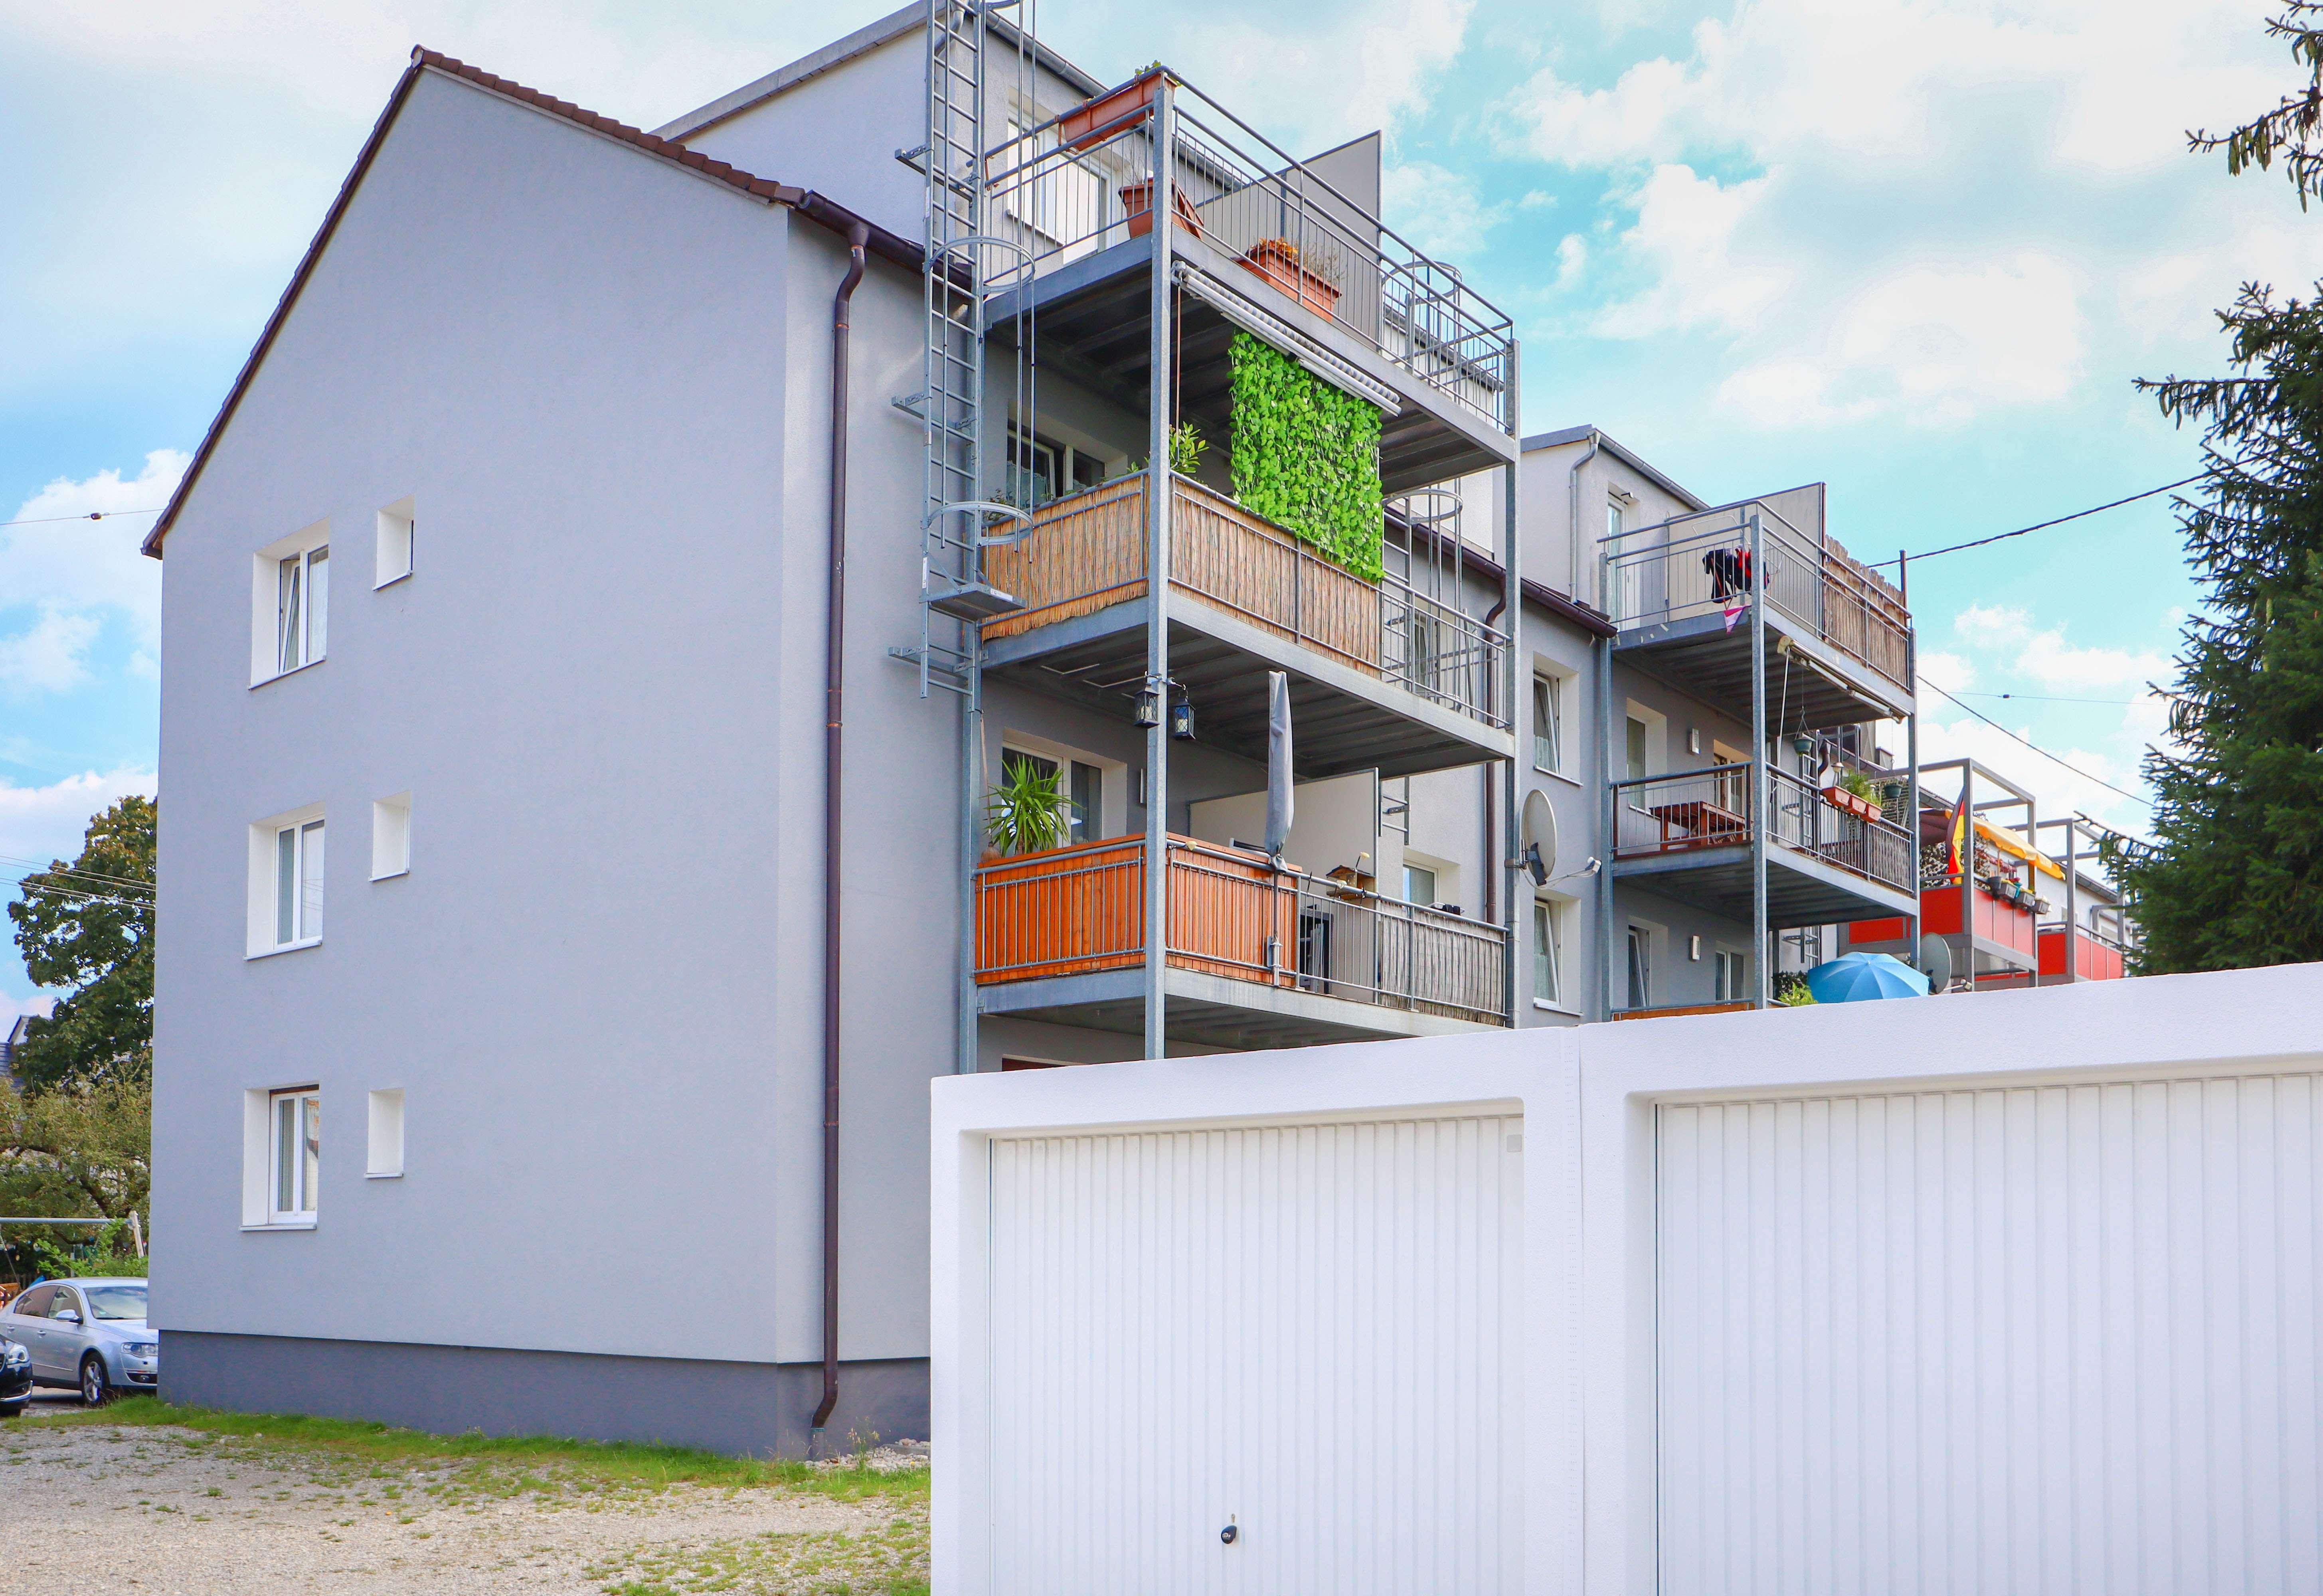 Frisch renovierte 2 ZKB - Wohnung mit 2 Balkonen, Garage & Weitblick! in